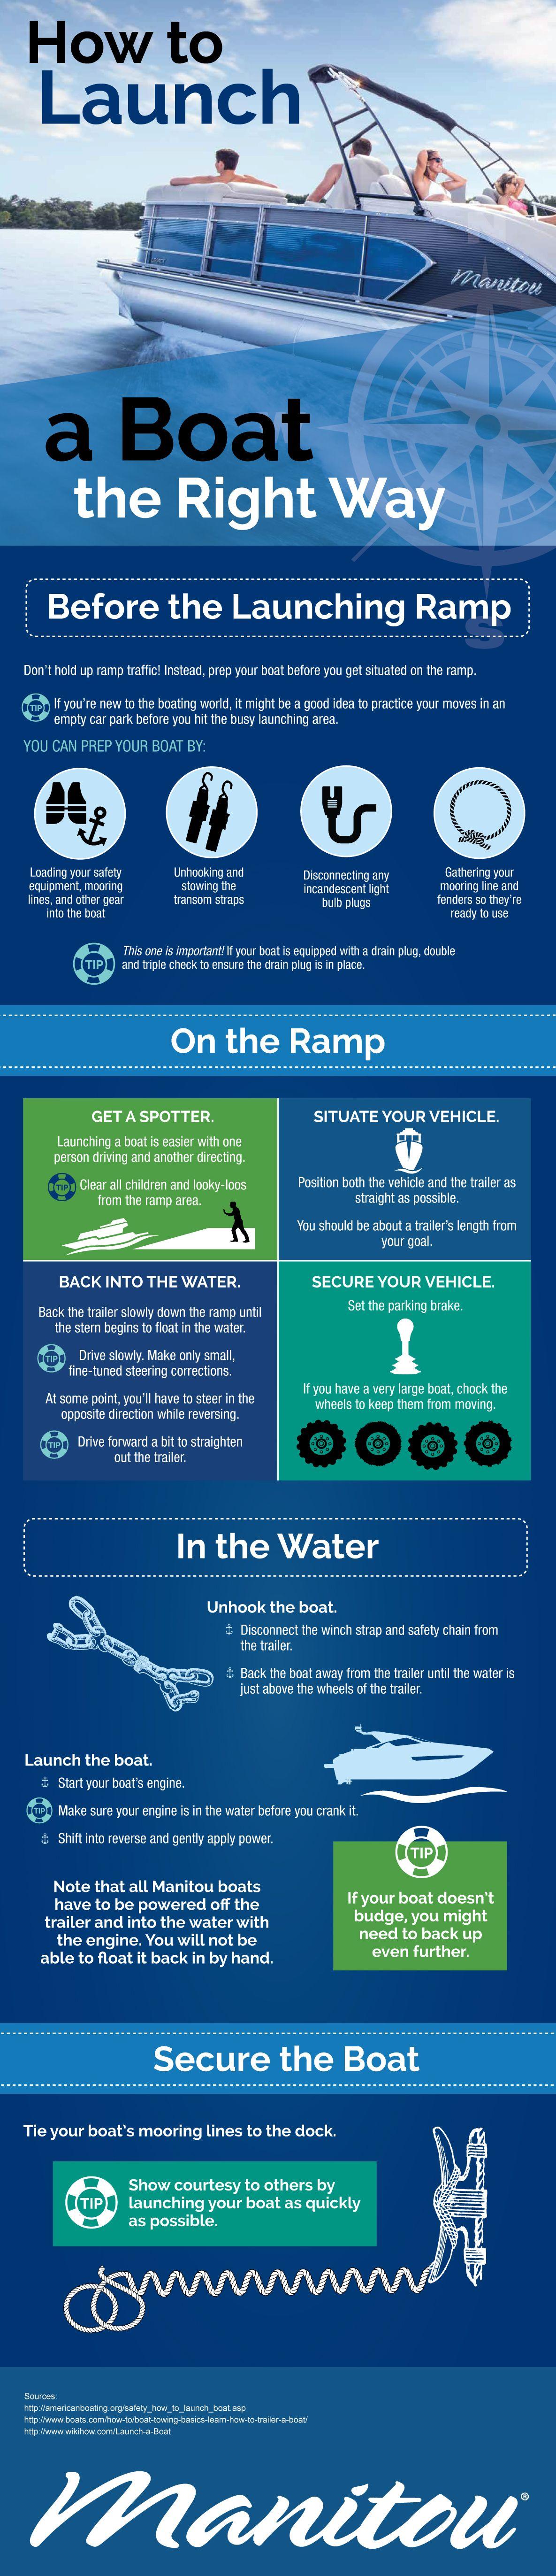 Infographic over hoe je een boot de beste manier kan opstarten.